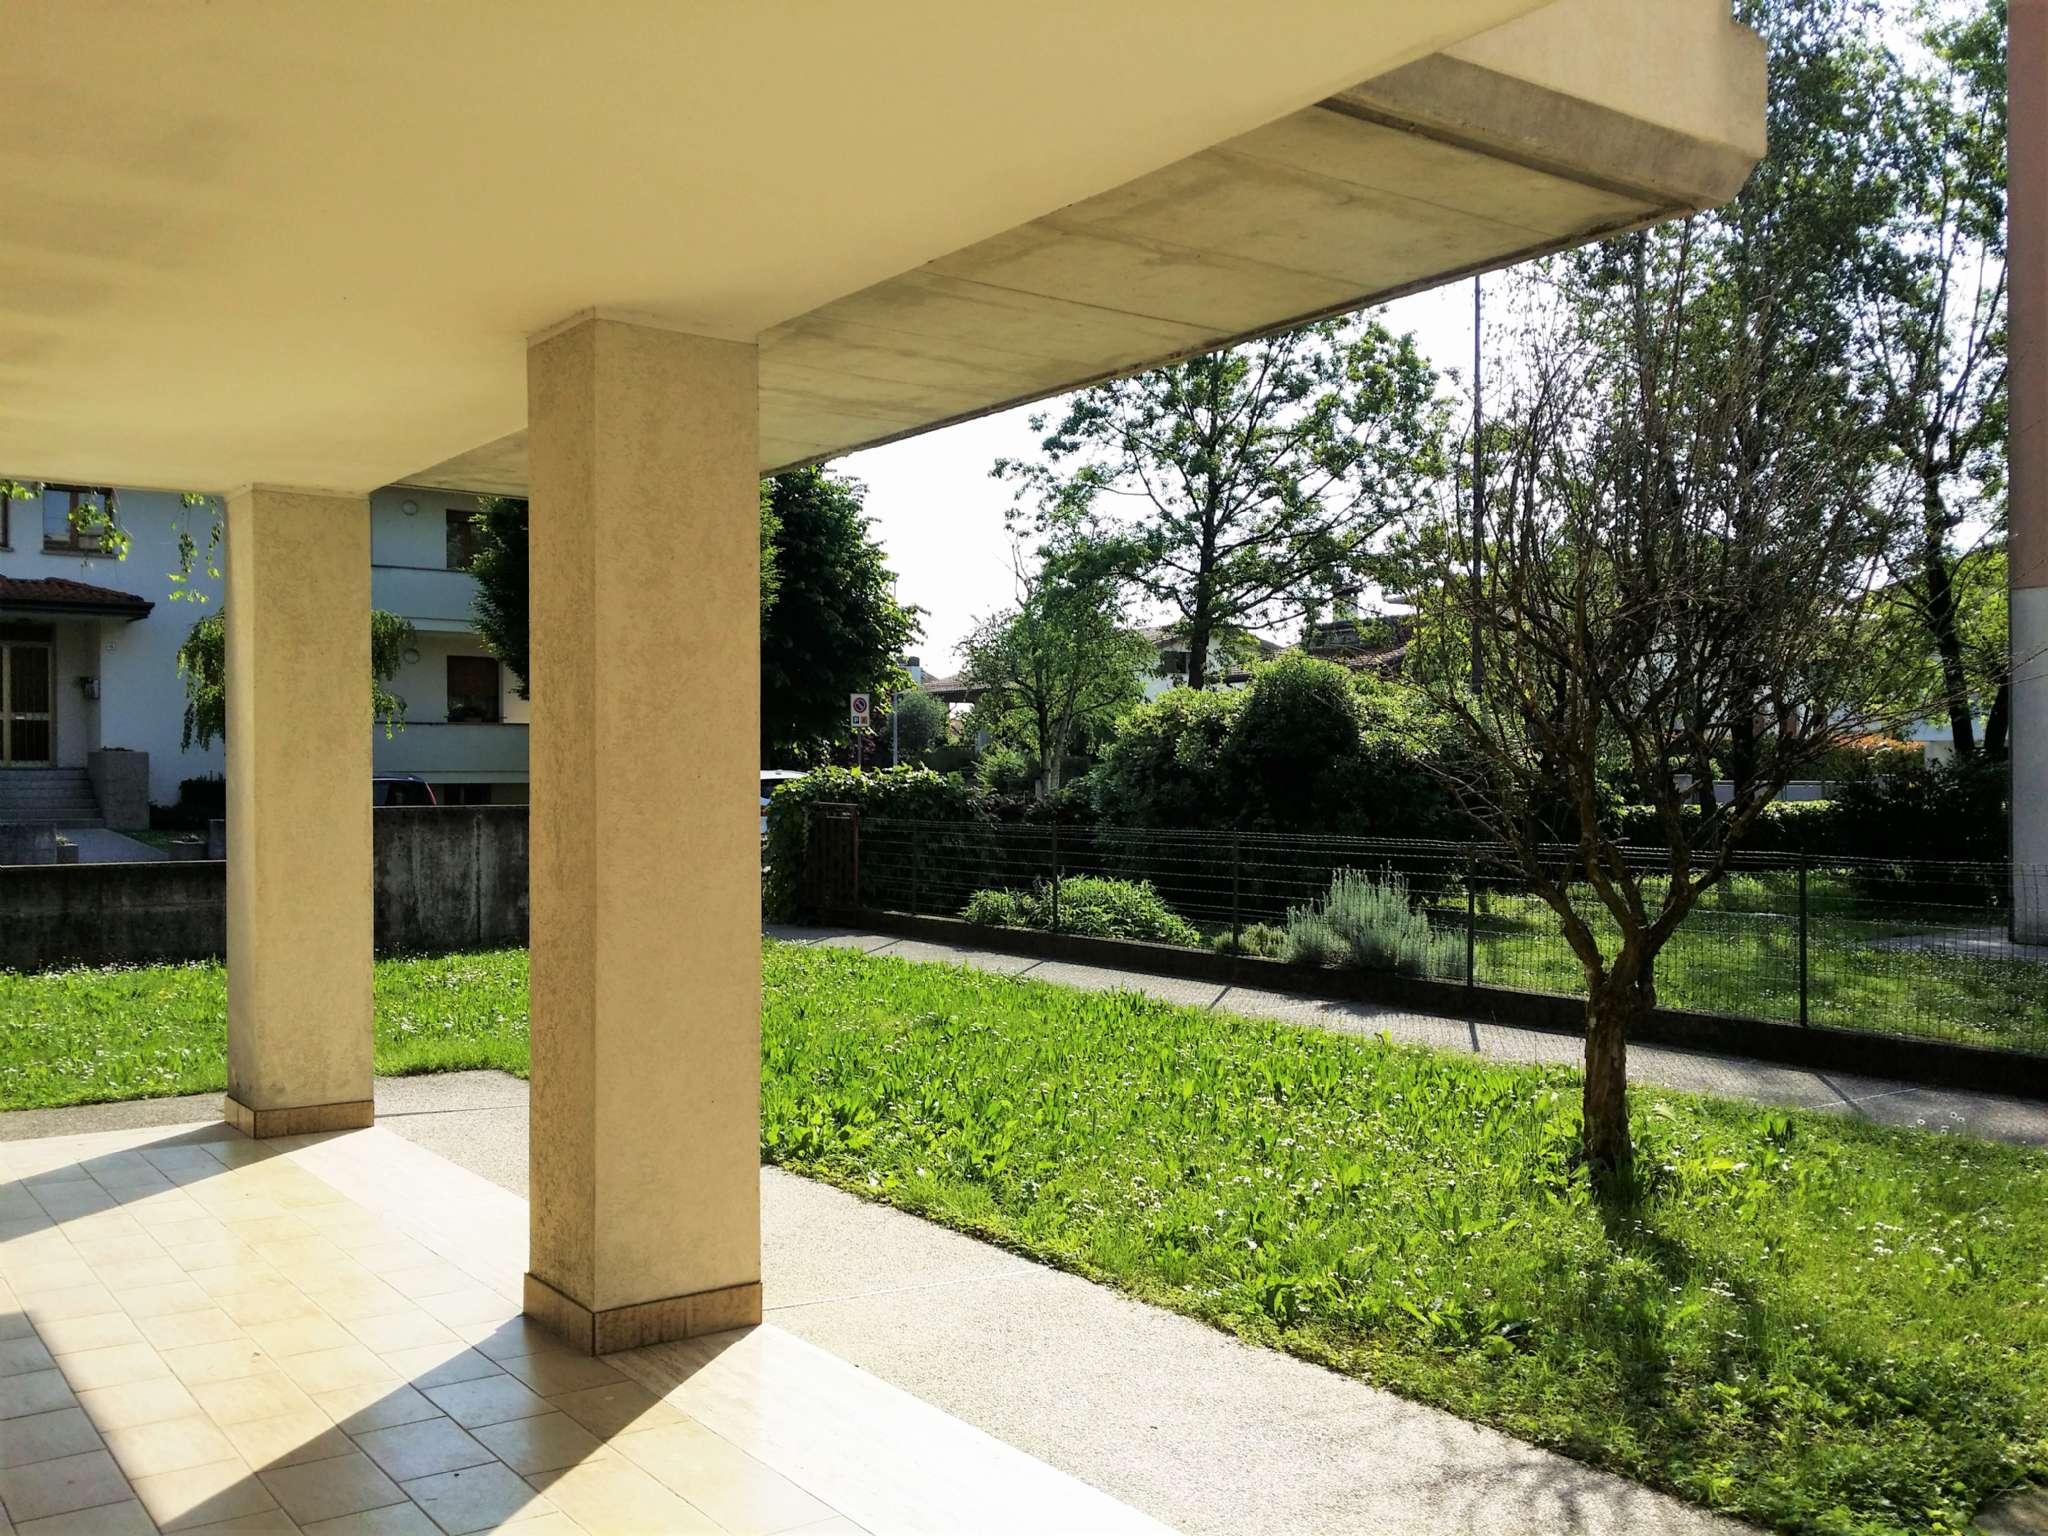 Appartamento in vendita a Fontanelle, 3 locali, prezzo € 90.000 | PortaleAgenzieImmobiliari.it